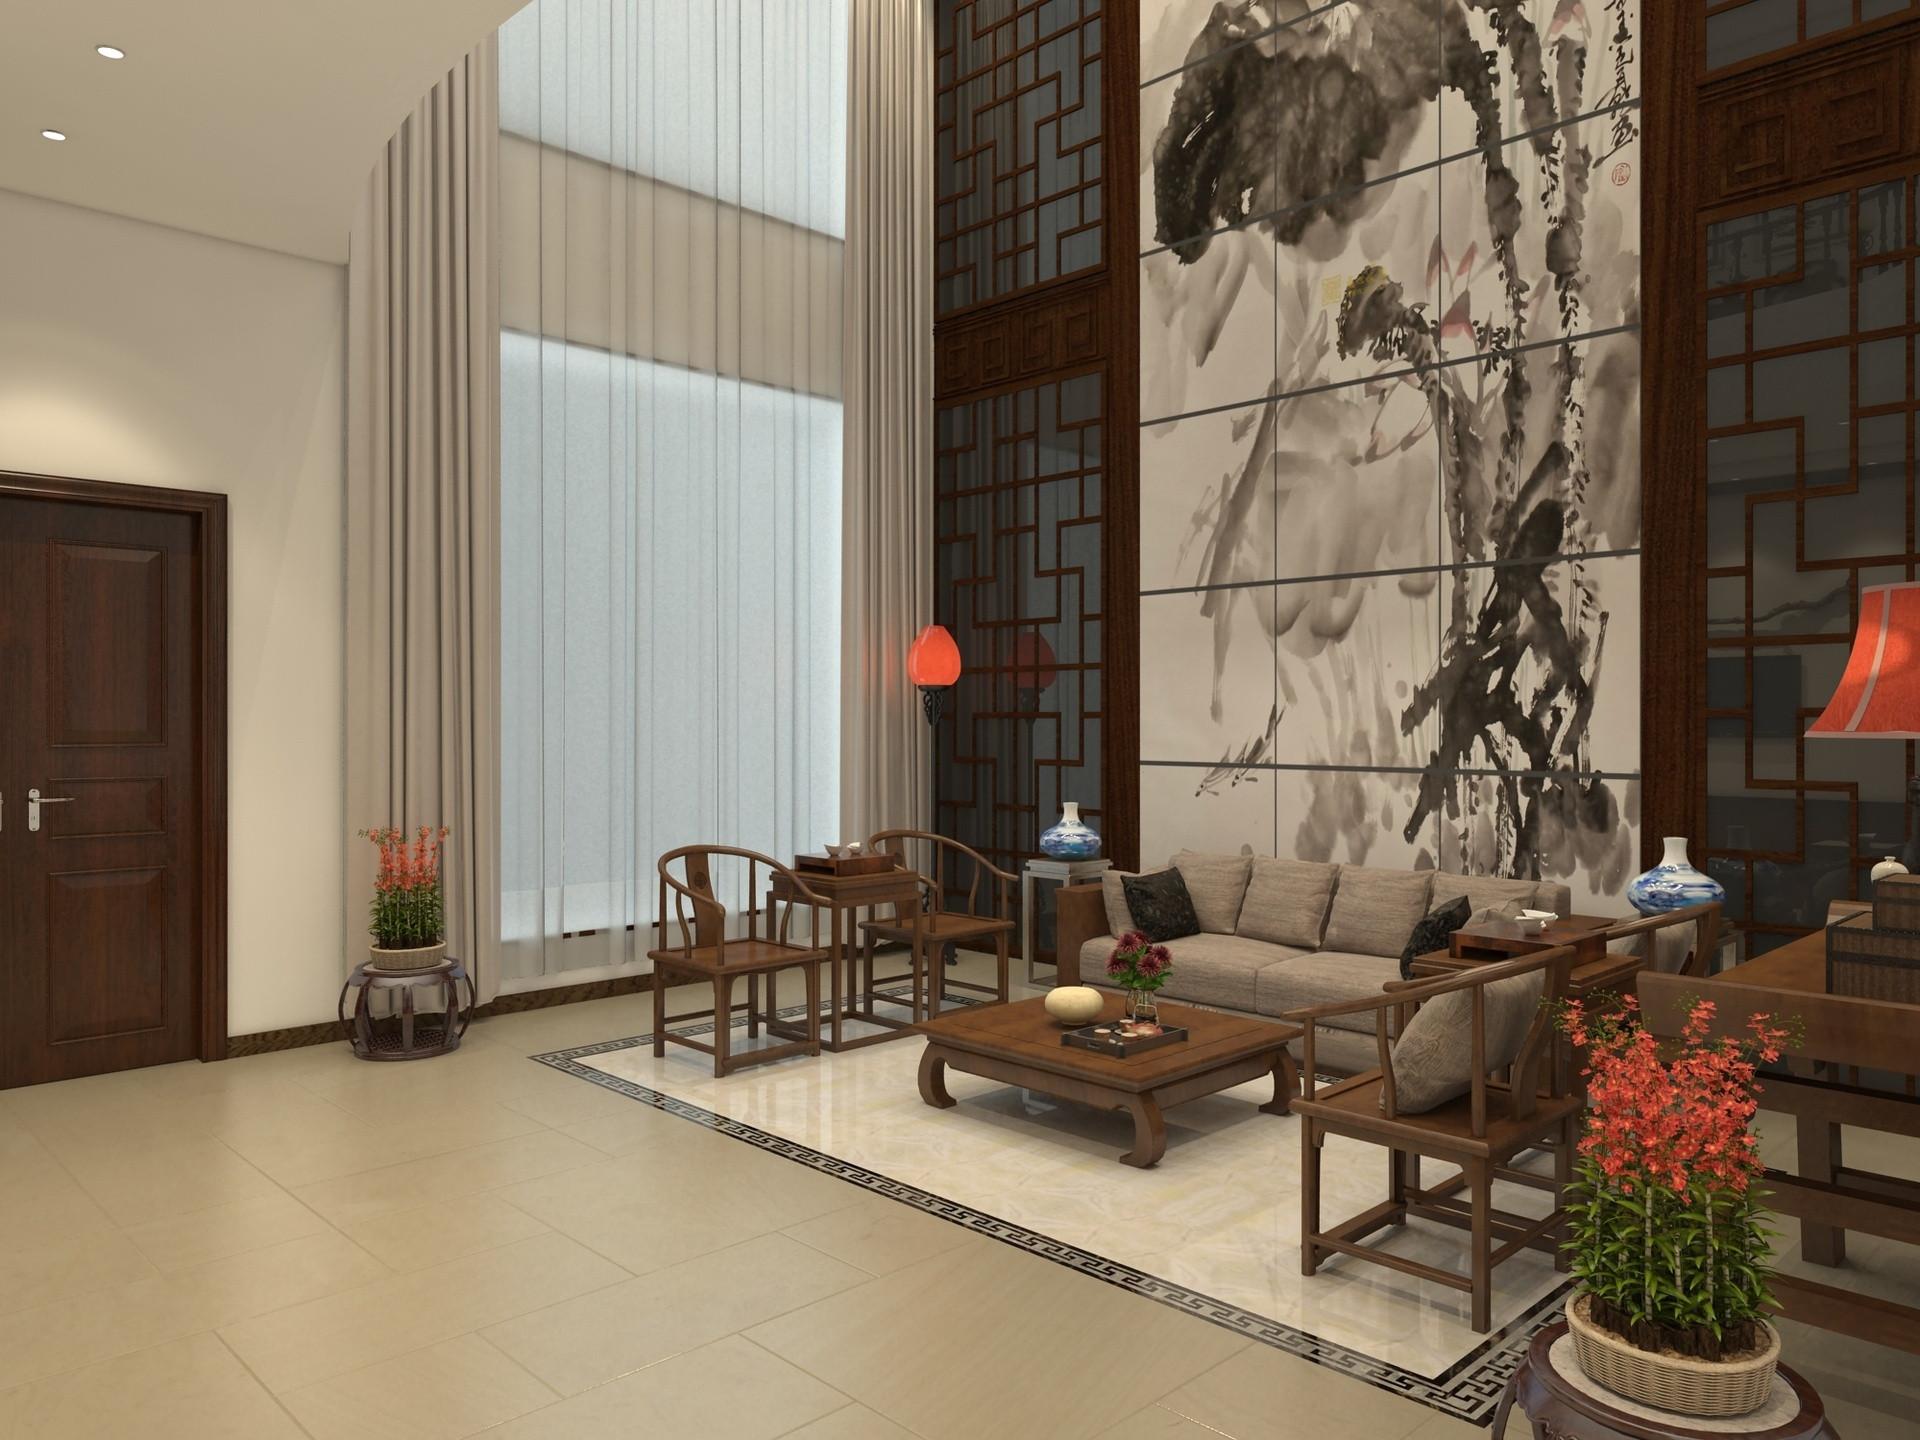 中式别墅装修客厅布局图